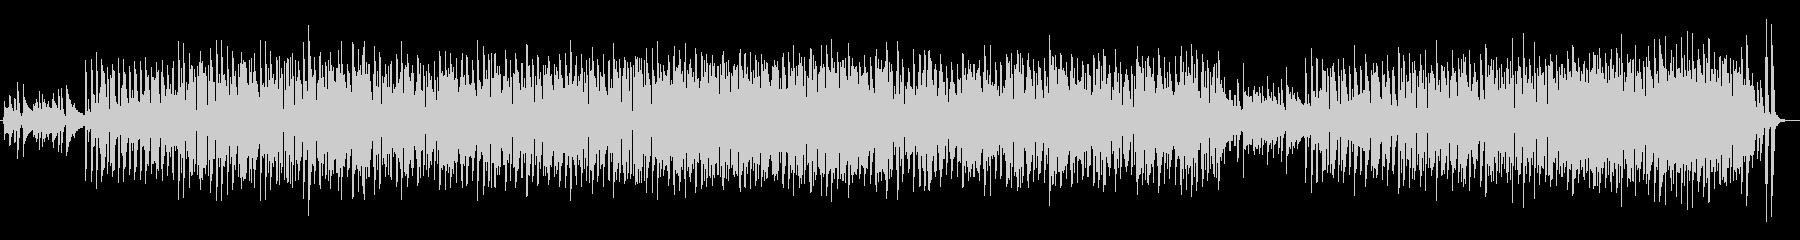 おしゃれな都会の夜のピアノメインBGMの未再生の波形